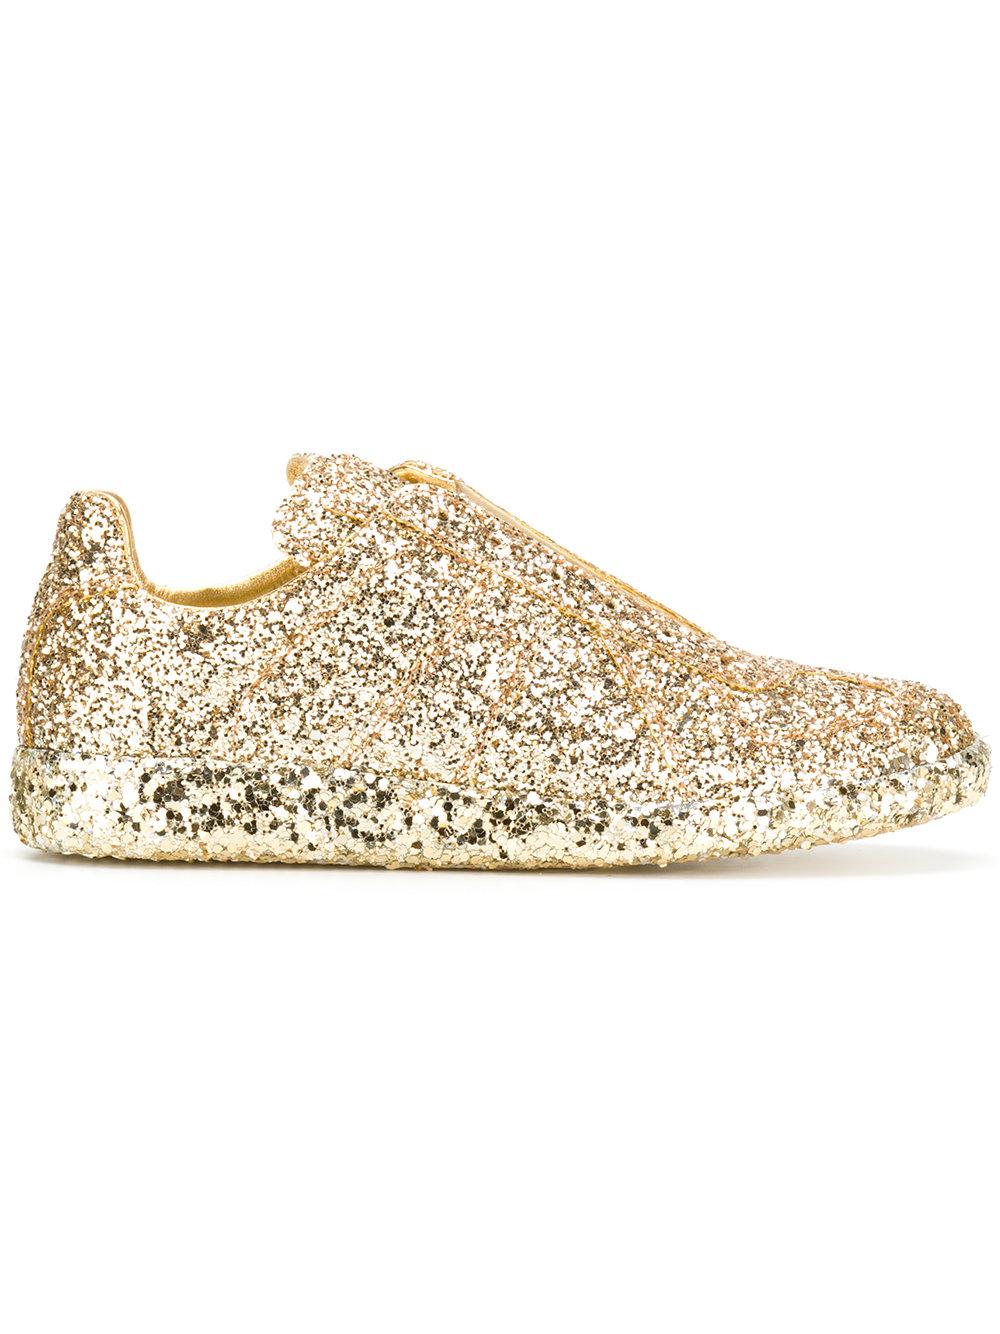 Maison Margiela glitter slip-on sneakers   $725